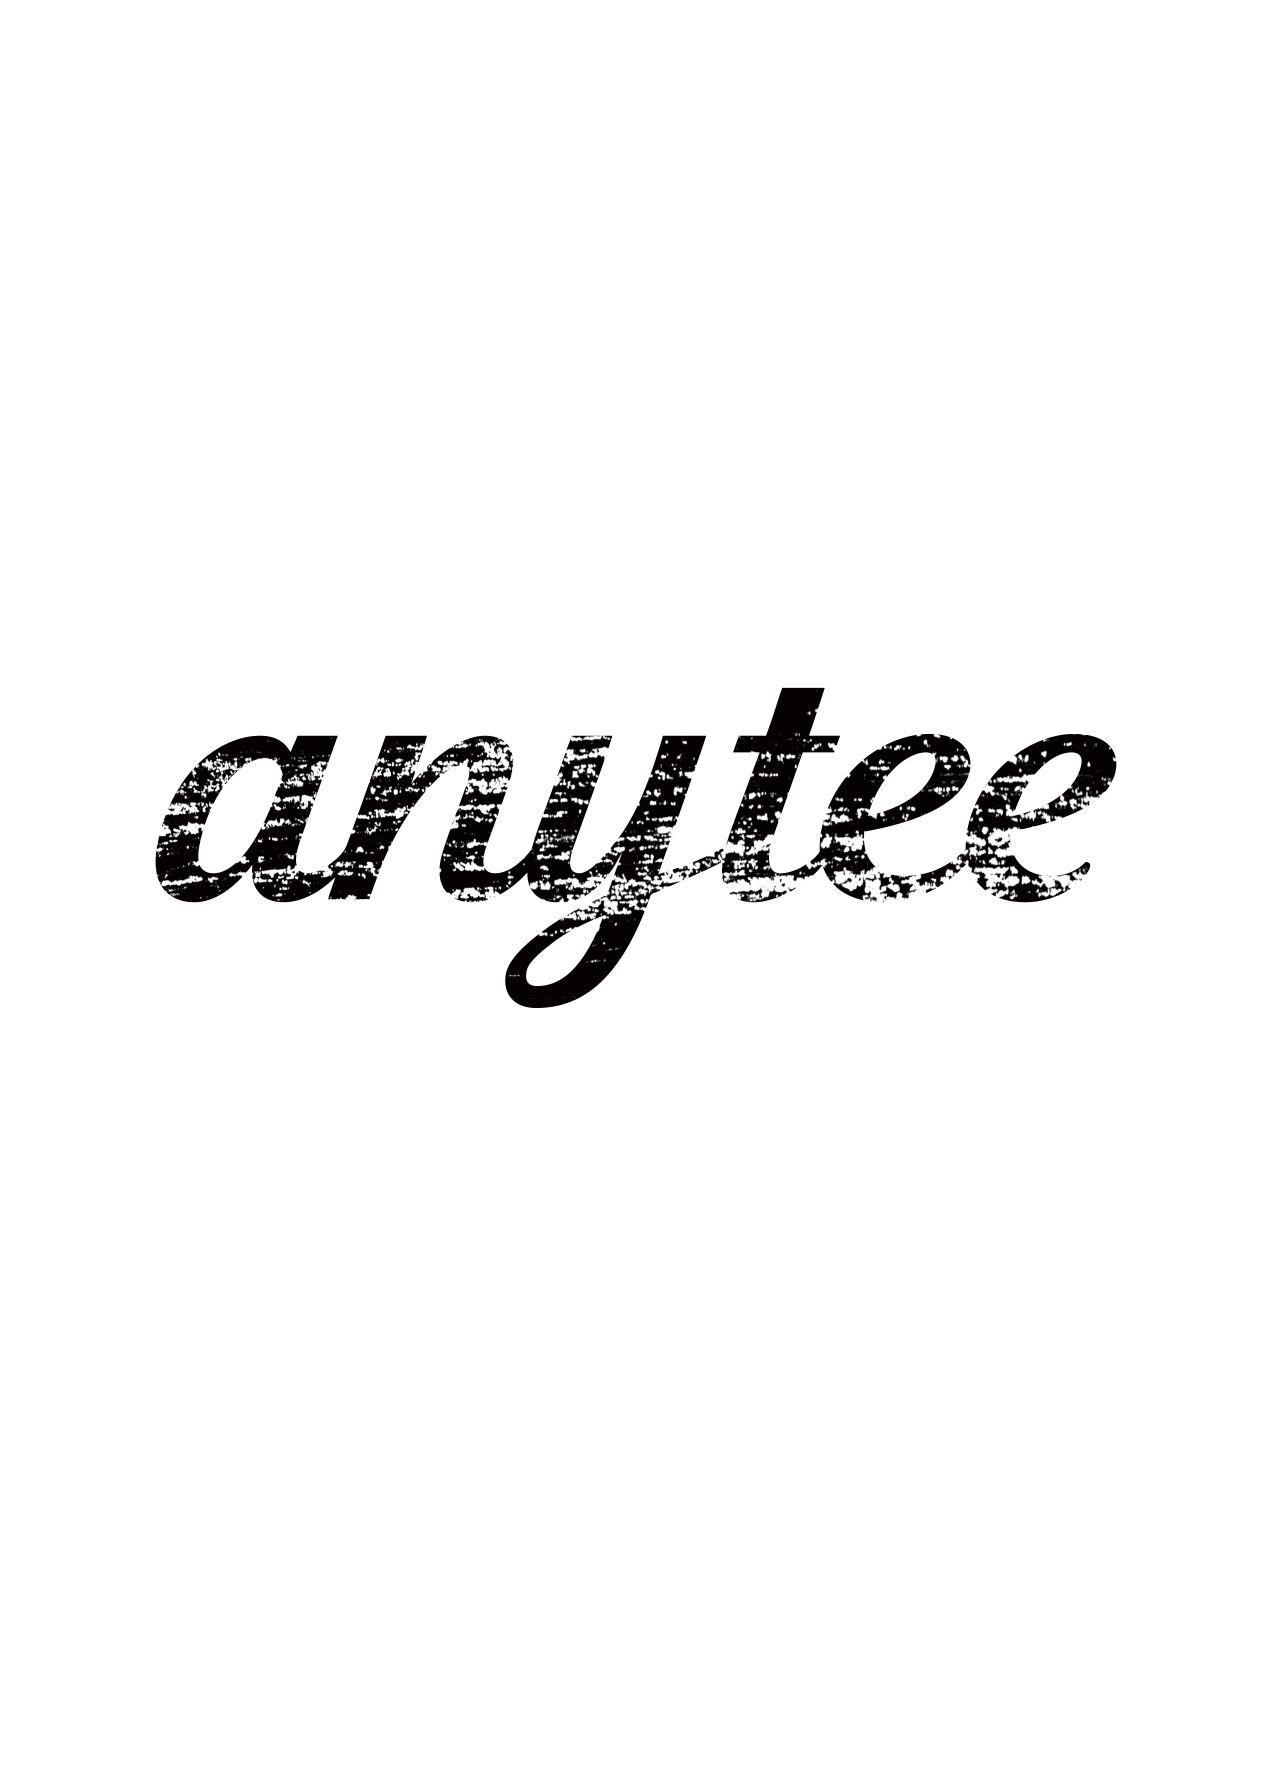 ANYTEE